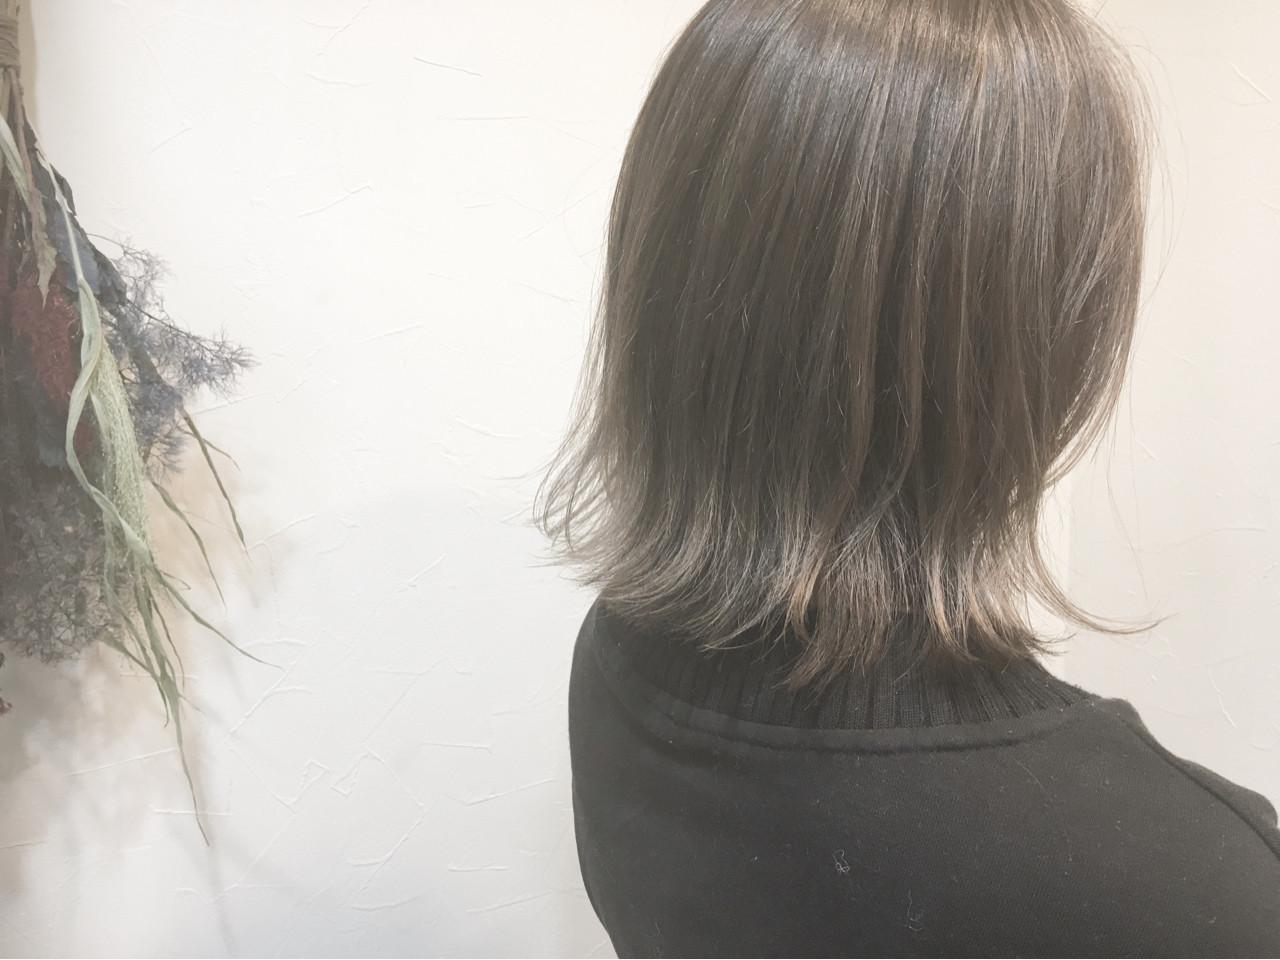 ミディアム こなれ感 アッシュベージュ エレガント ヘアスタイルや髪型の写真・画像